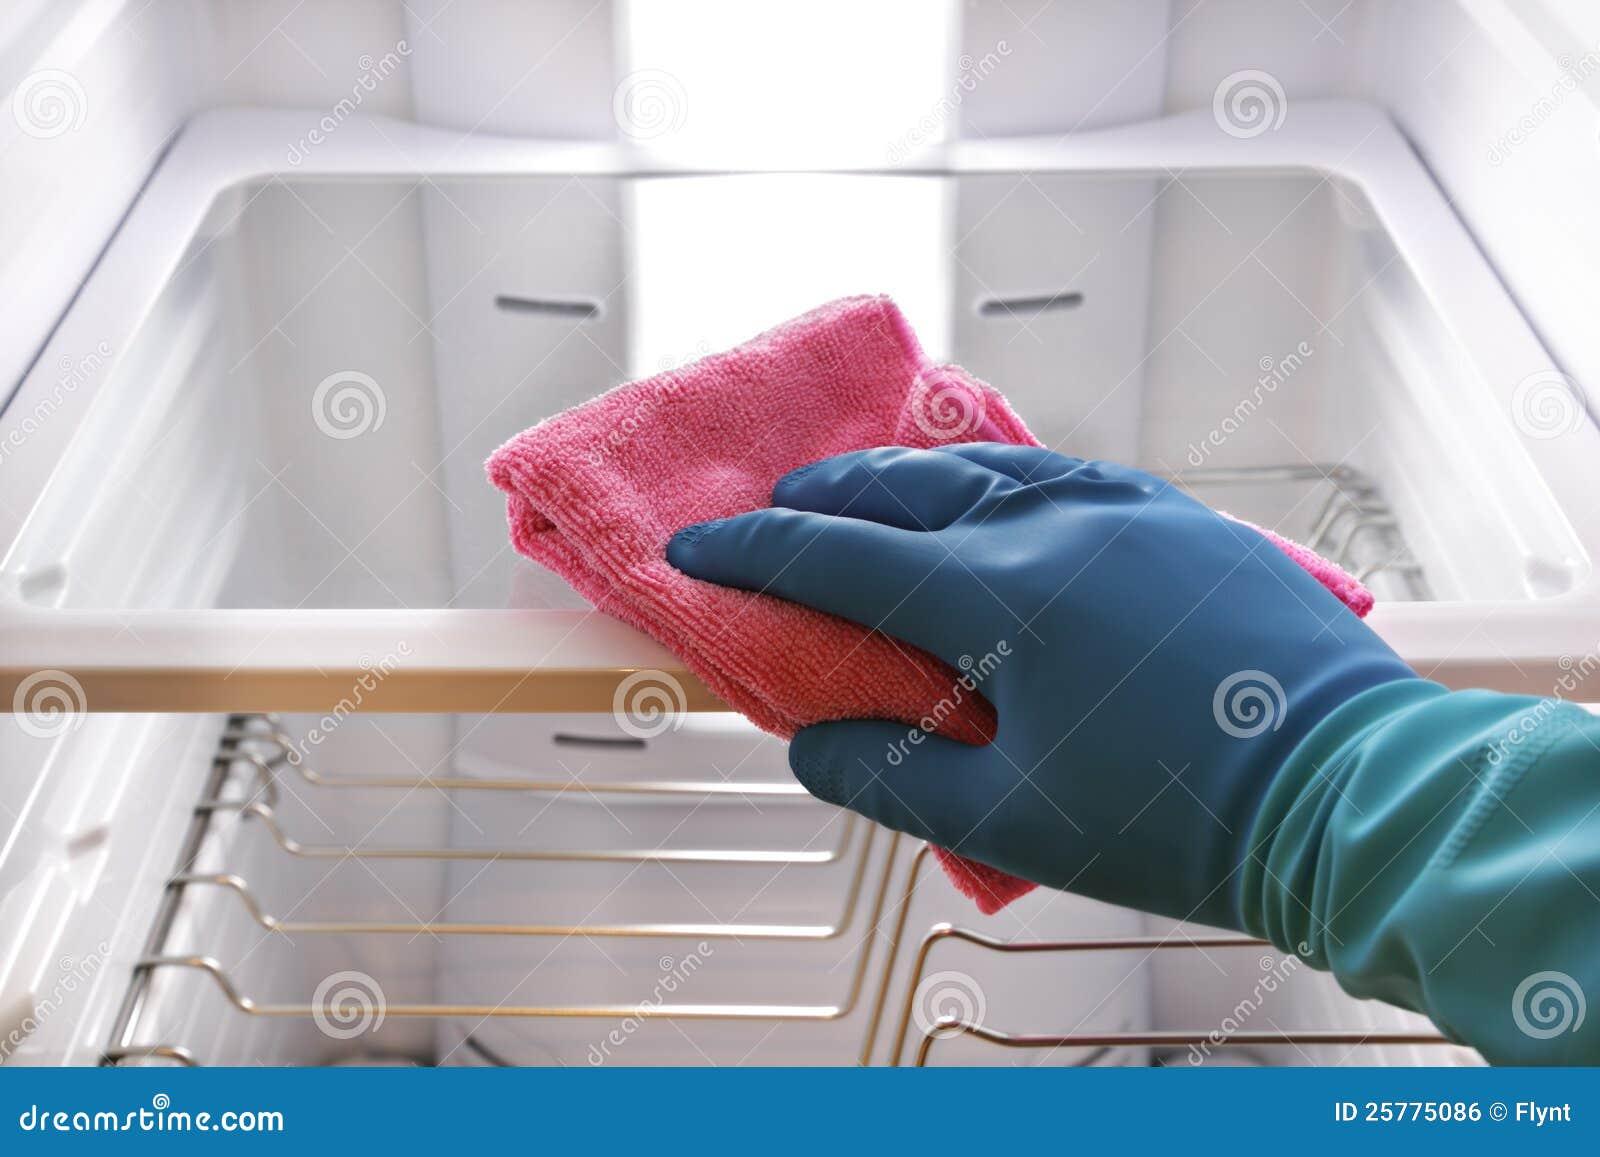 Handcleaningkylskåp